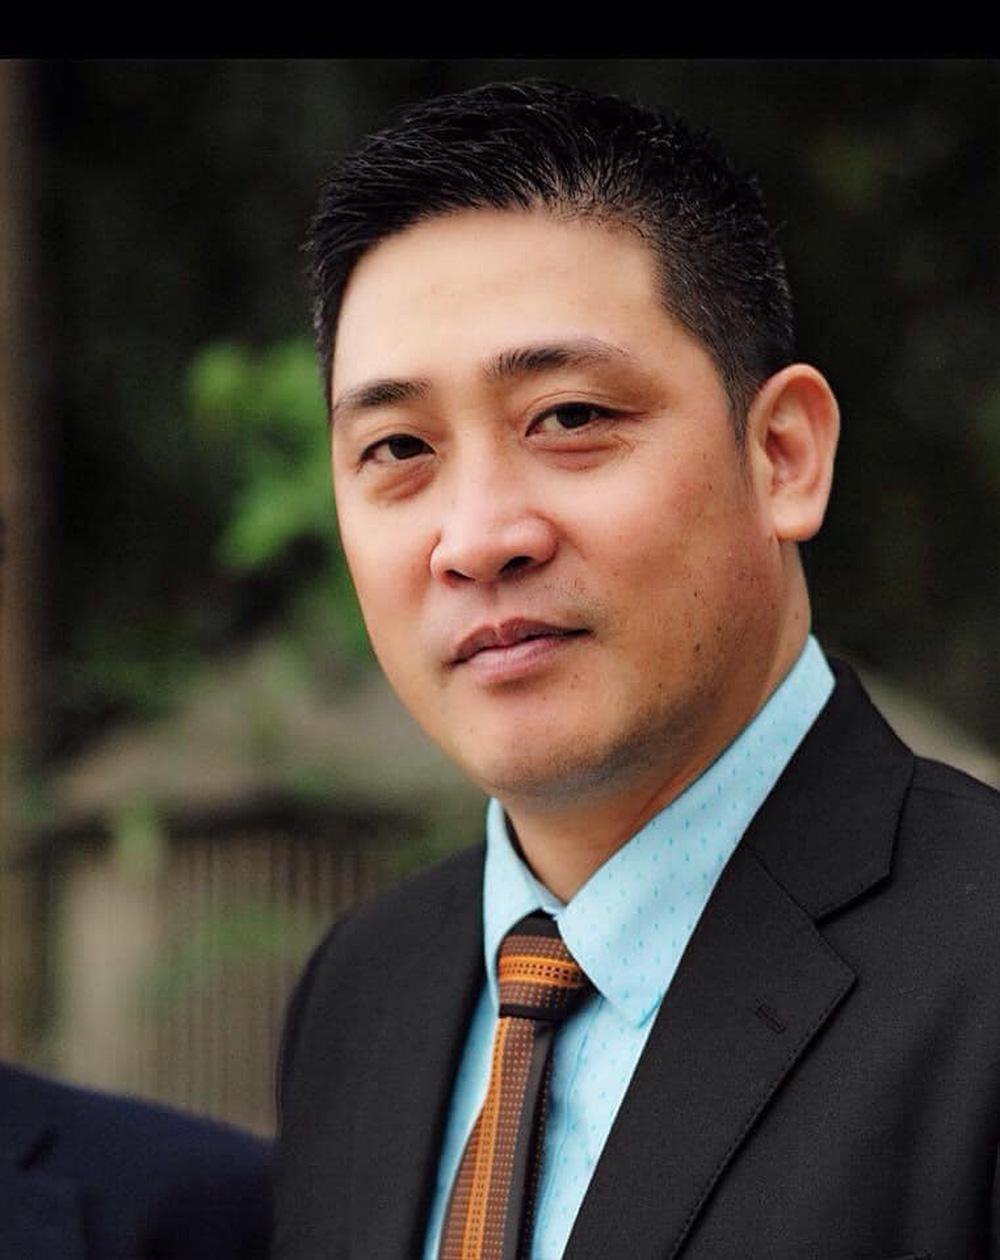 Diễn viên Hương vị tình thân bức xúc vì bị lợi dụng hình ảnh để quảng cáo khiếm nhã - Ảnh 4.